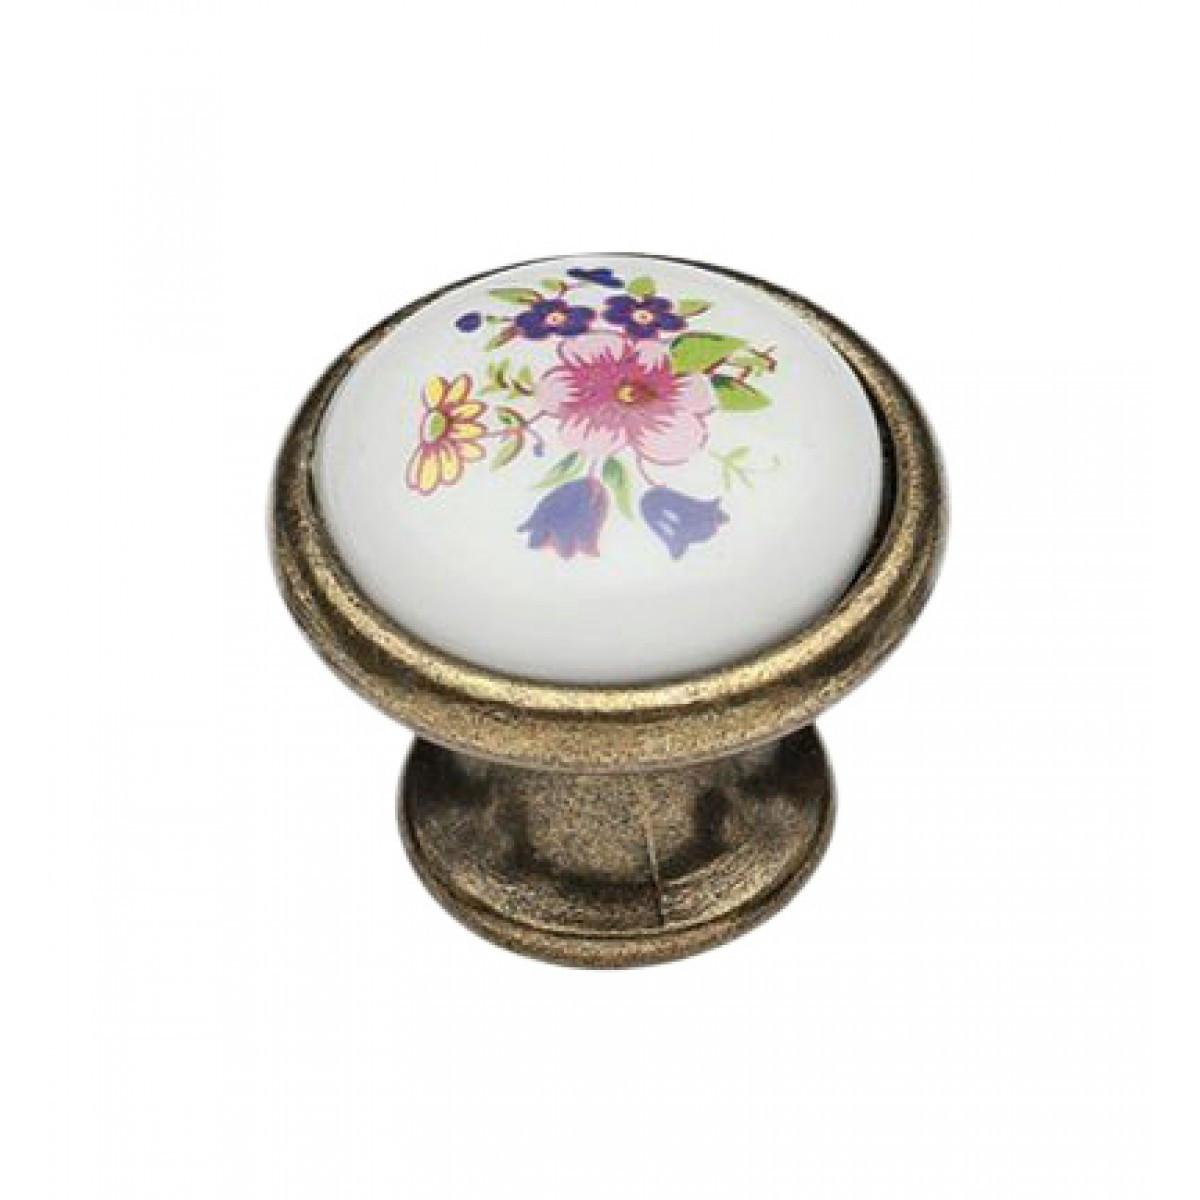 Ручка мебельная Ozkardesler 6072-08/43 керамика MONA DUGME PORSELEN Бронза Сирень